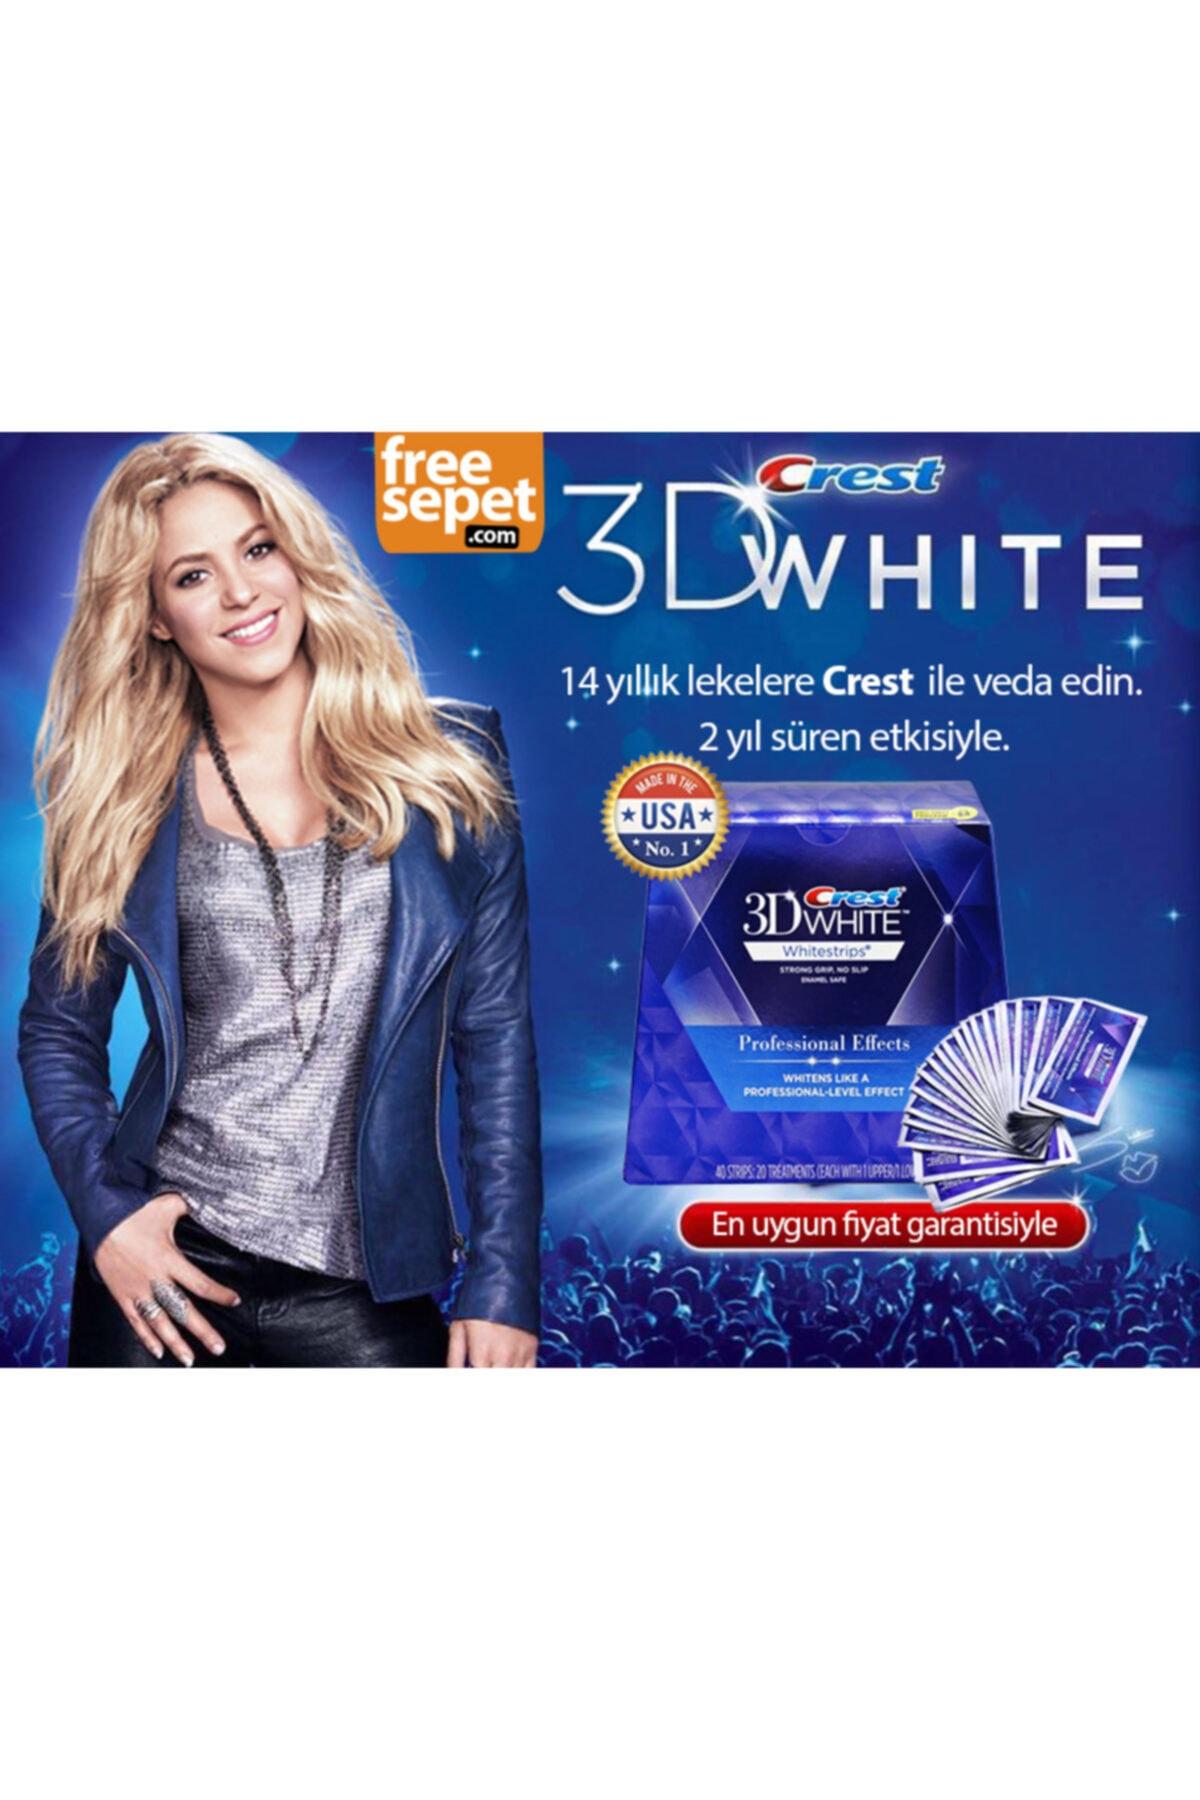 CREST 3d White Professional Effects Diş Beyazlatma Bantları (20 Bant) 2